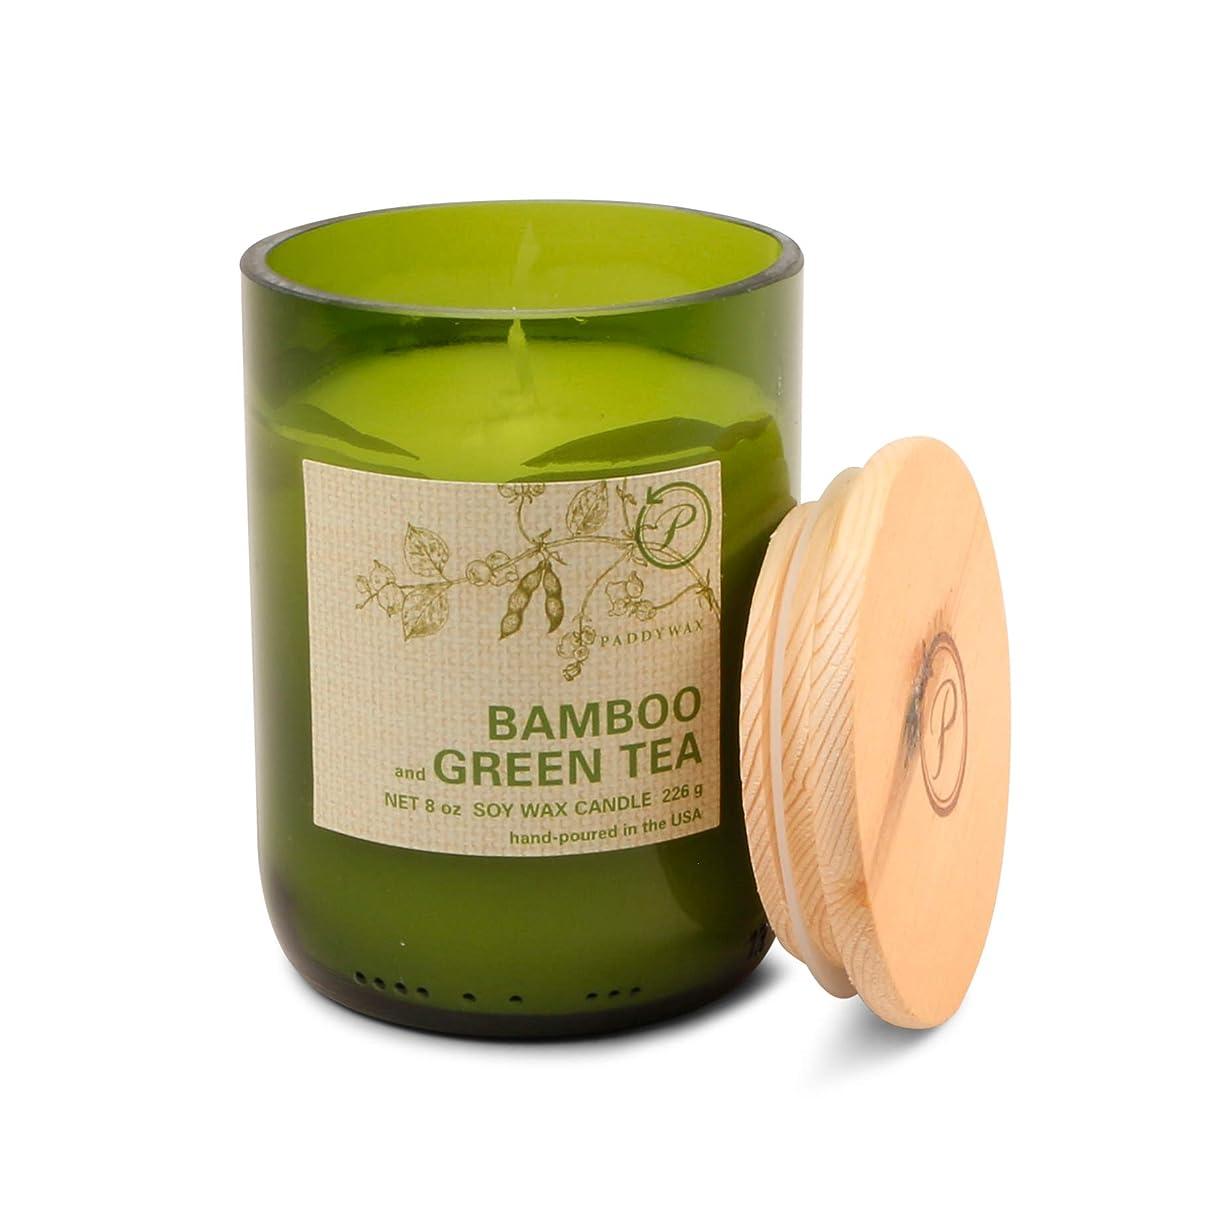 タイピストフェッチ不一致パディワックス(PADDYWAX) エコ?グリーン キャンドル(ECO GREEN Candle) バンブー & グリーンティー(BAMBOO and GREEN TEA)